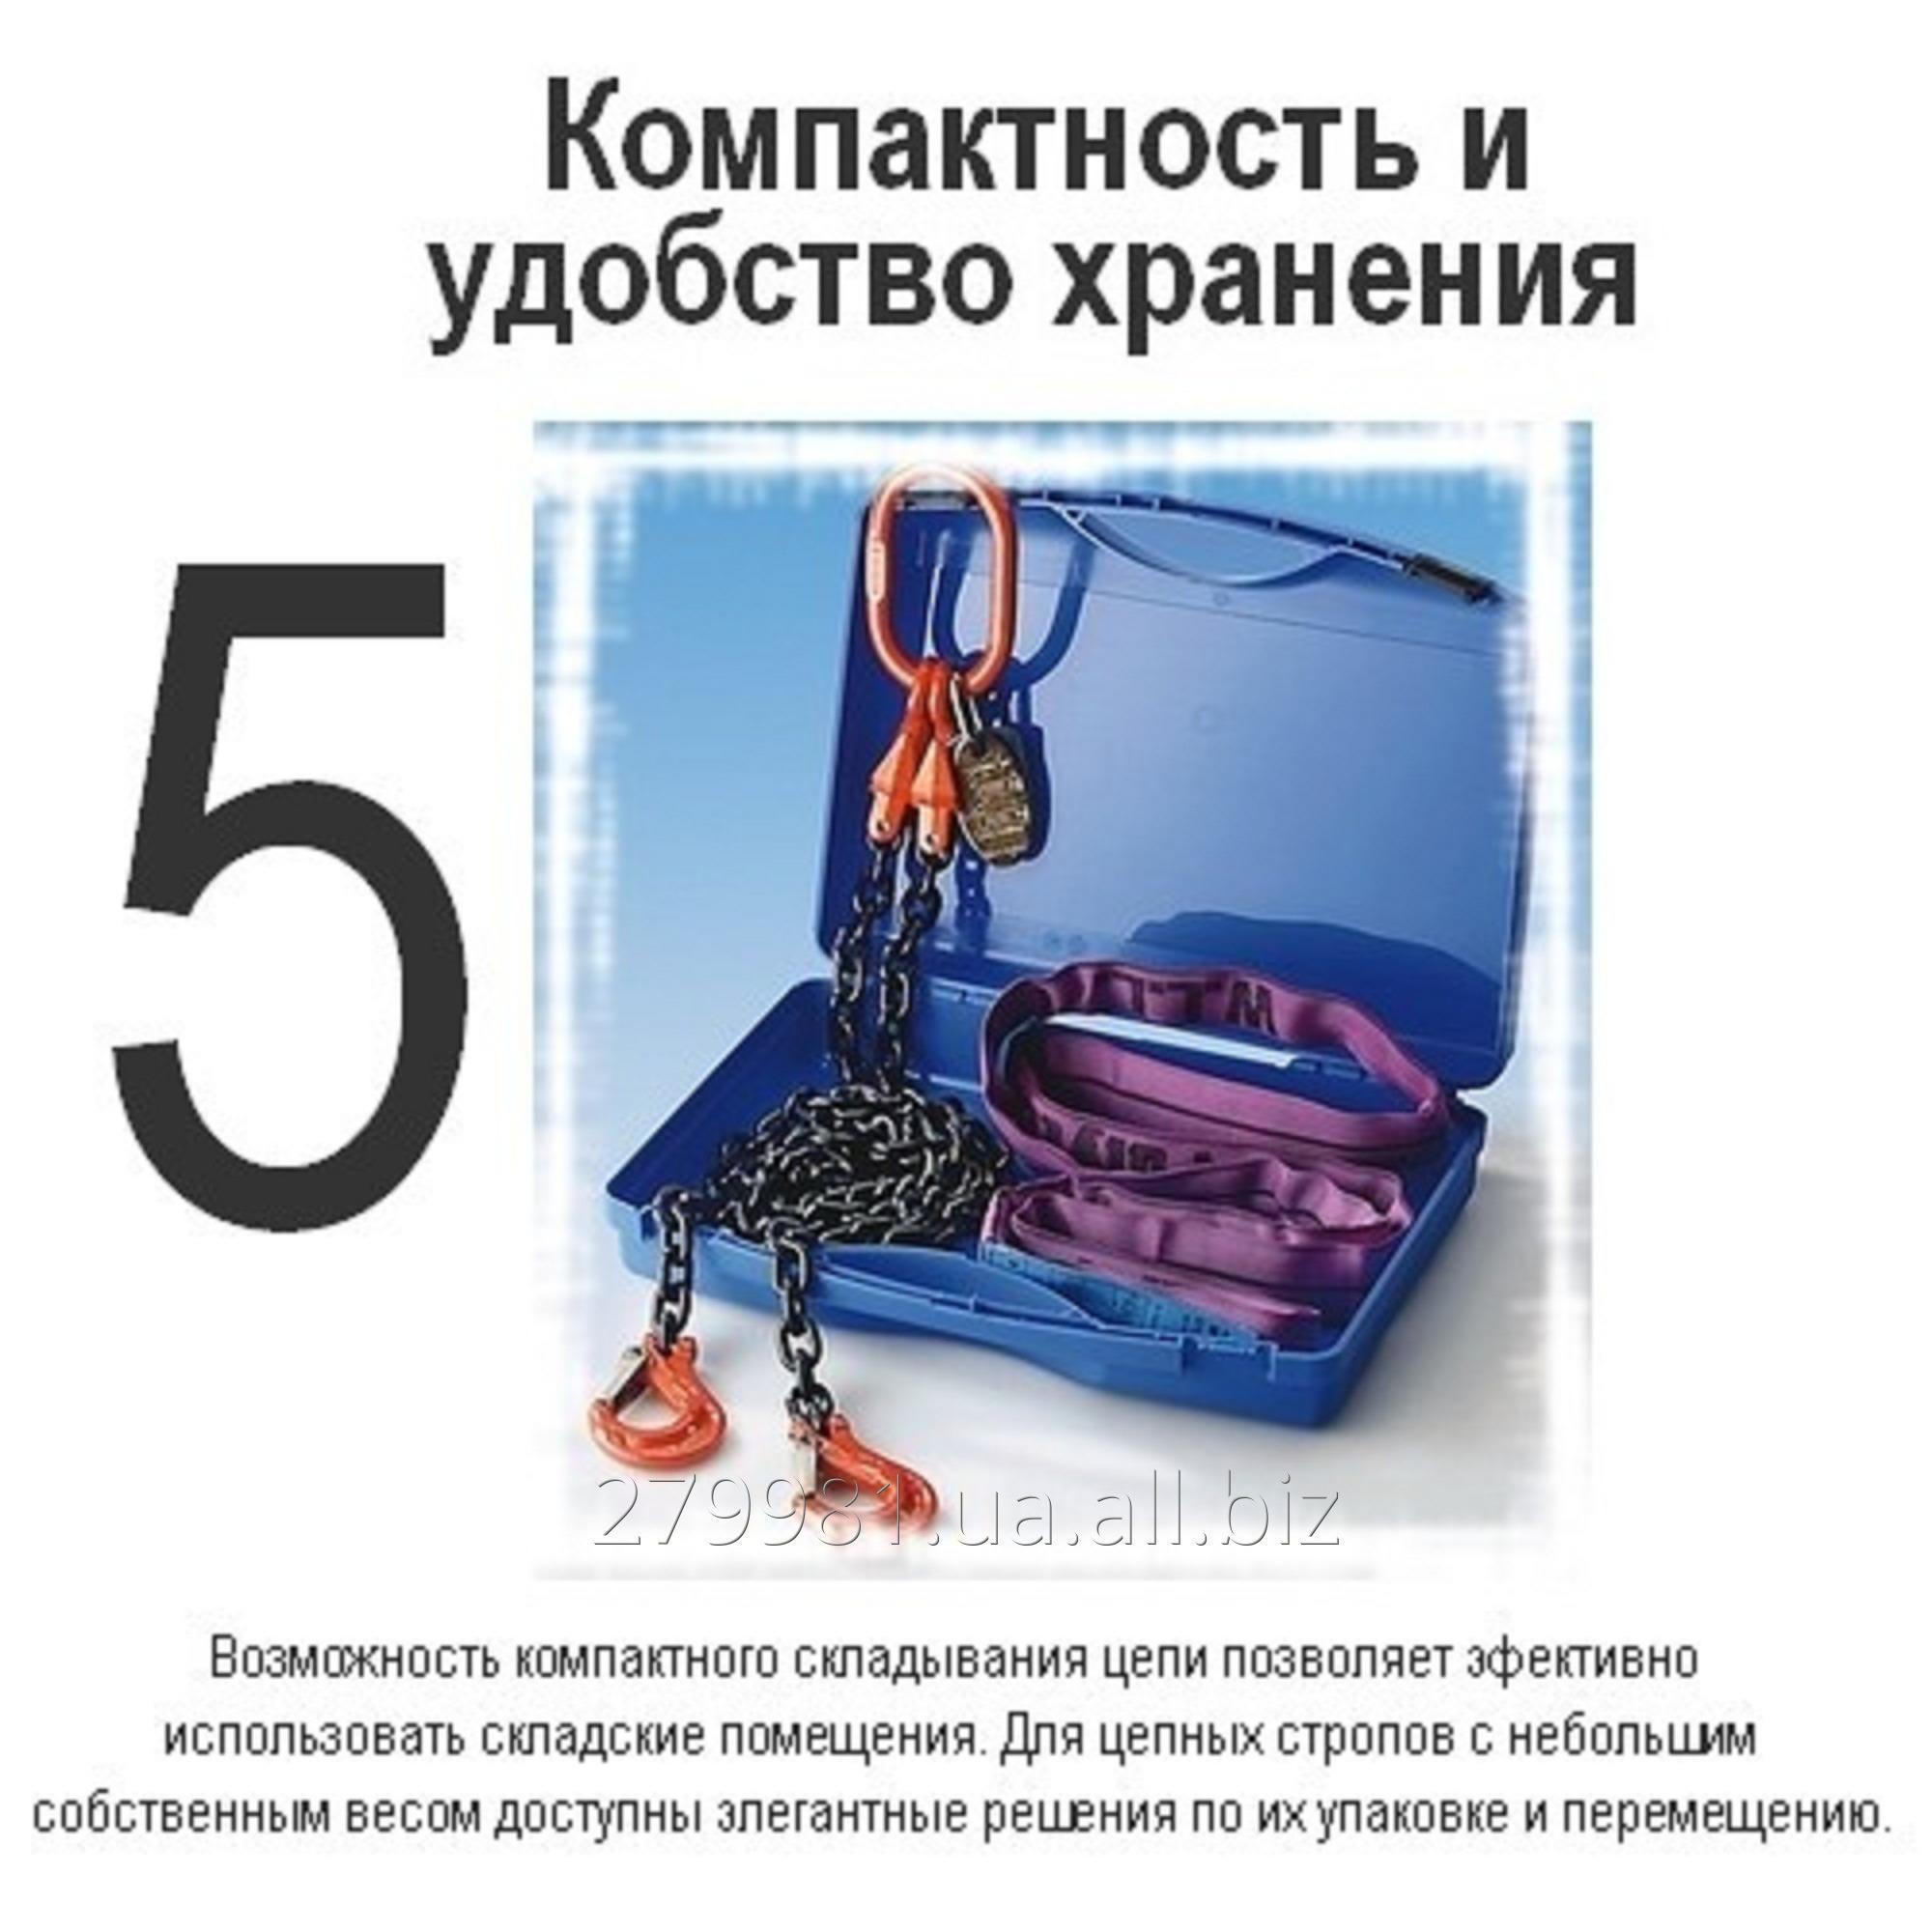 czepnye_stropy_8_go_klassa_prochnosti_hfs_g80